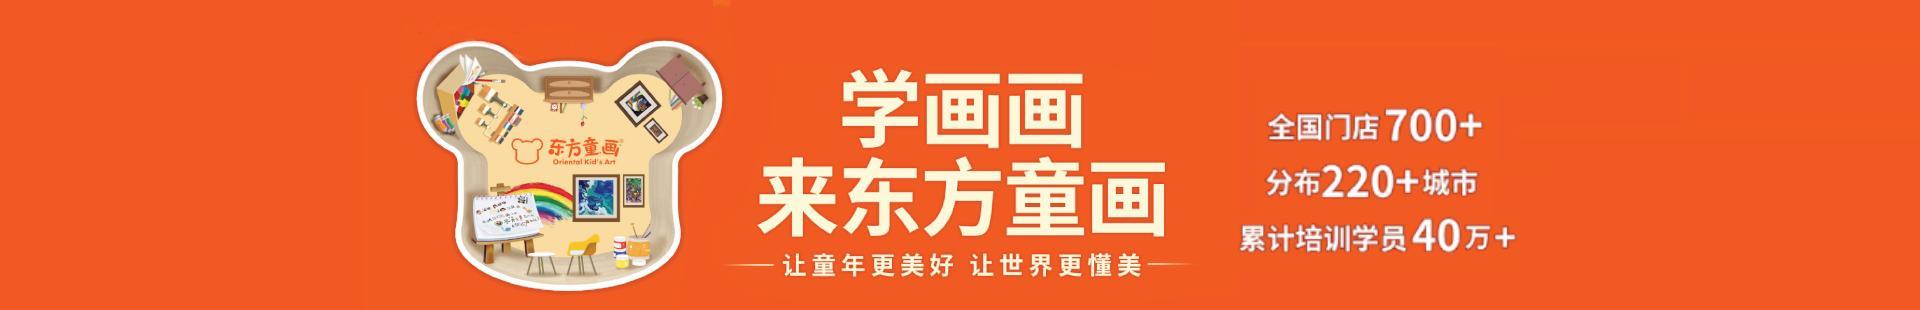 上海东方童画青少儿童艺术天琴培训学校